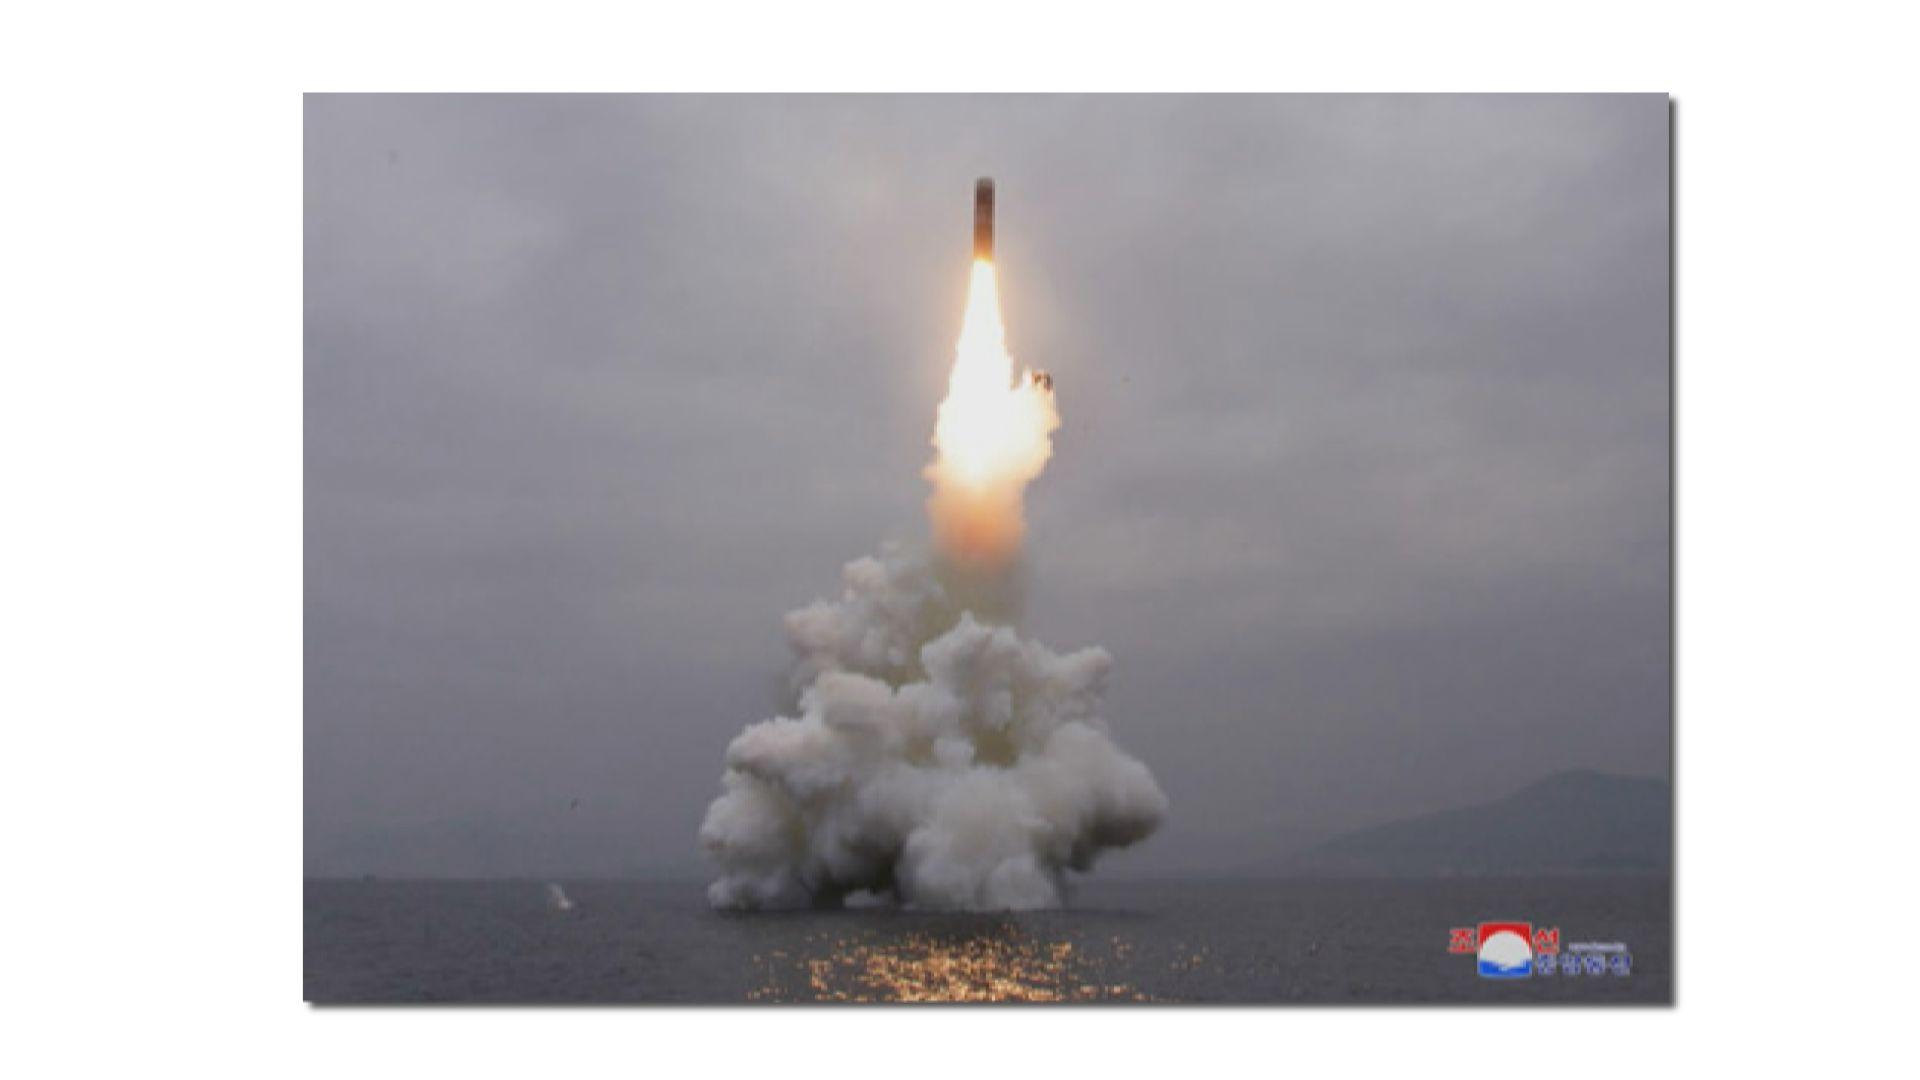 北韓再次試射導彈 南韓軍方推測是潛射彈道導彈